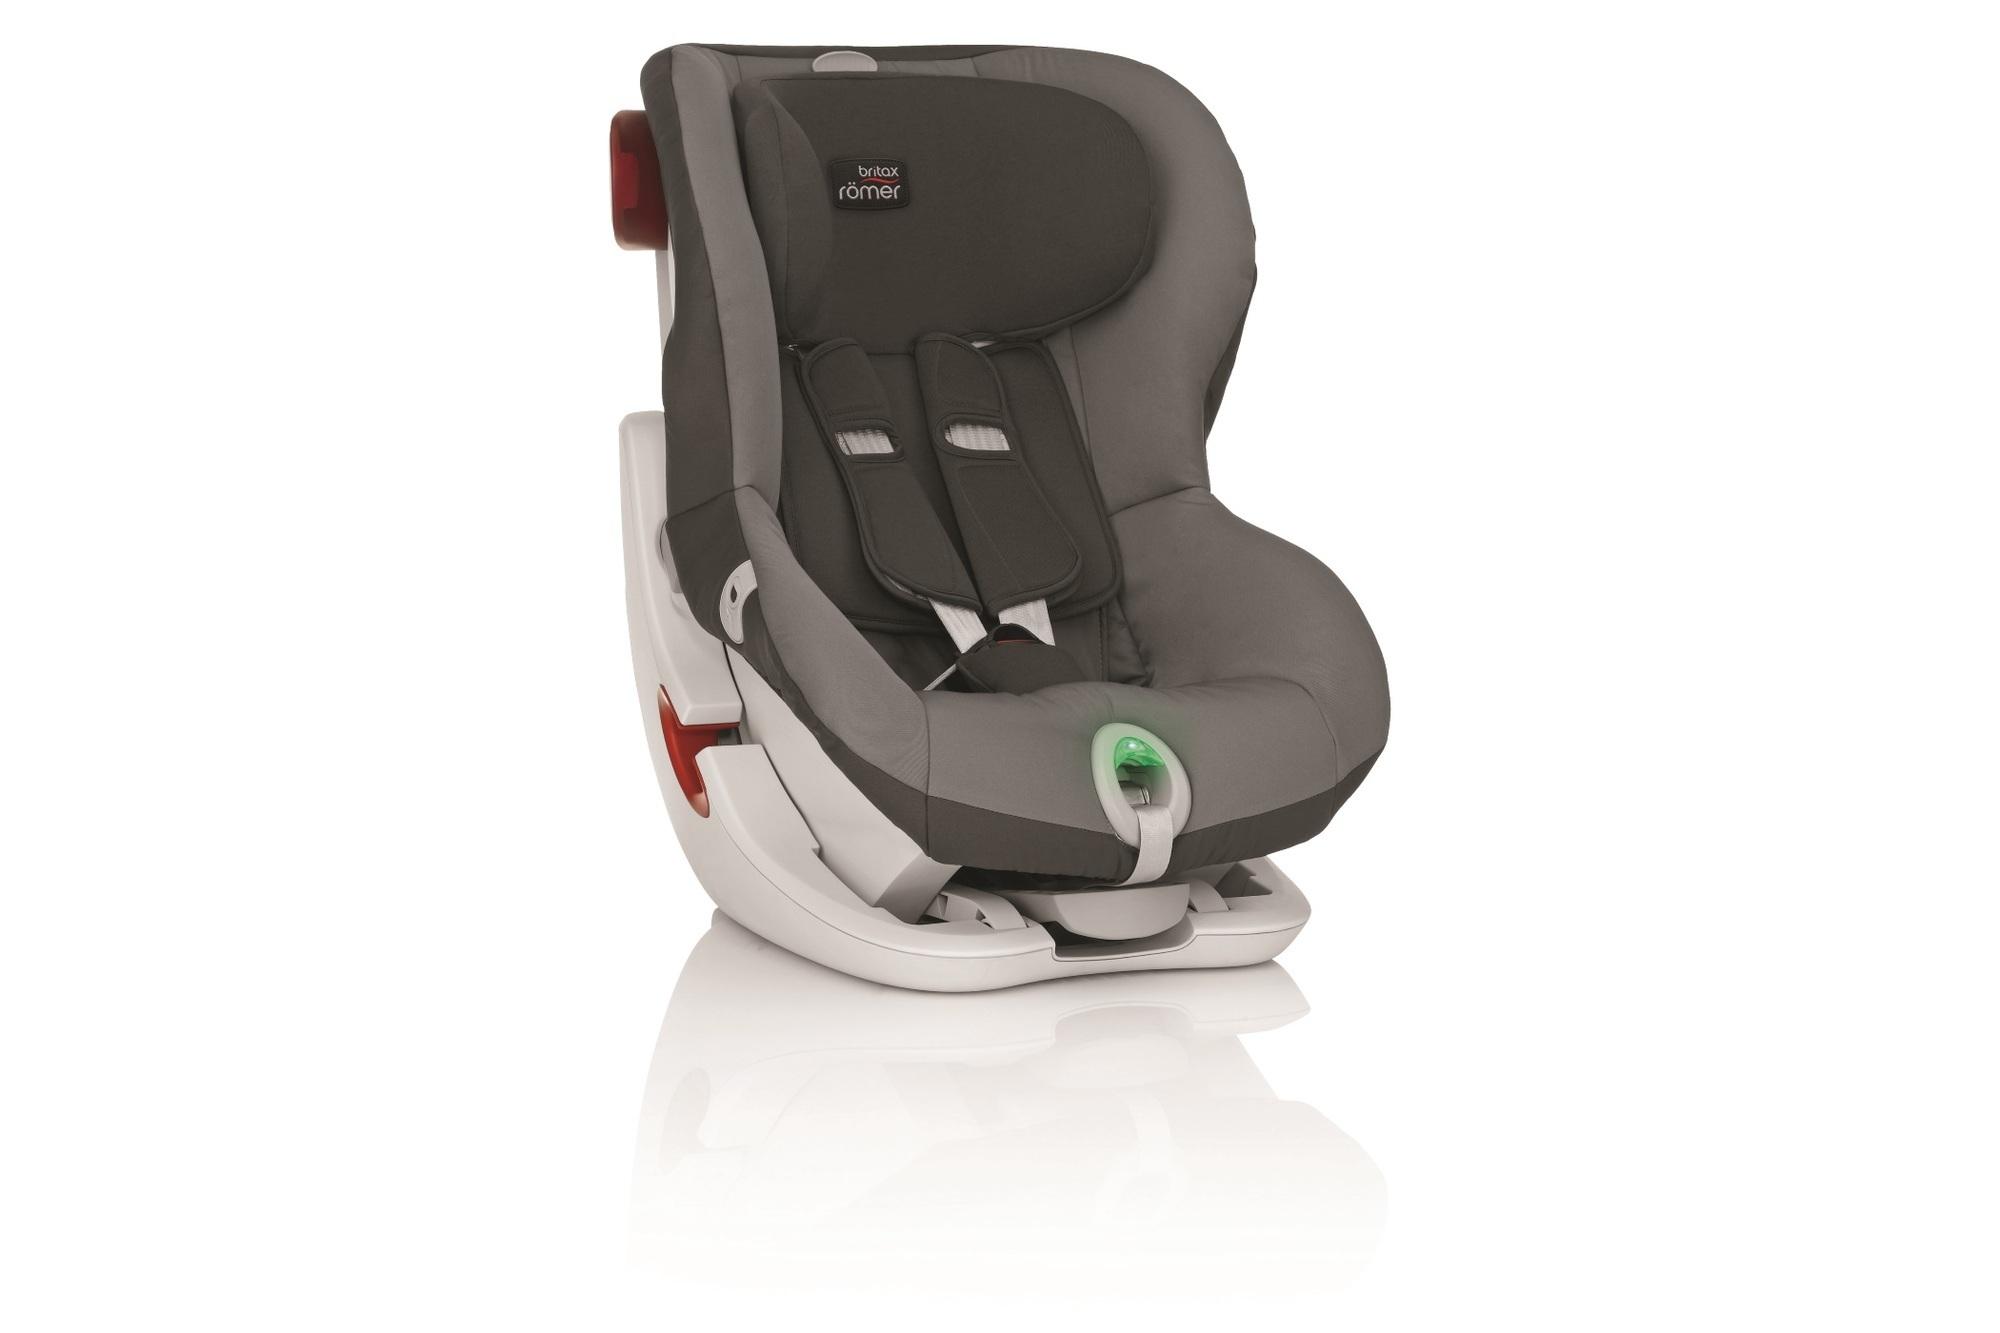 Kindersitz mit Anschnallwarner - Gurtpiepser für den Nachwuchs